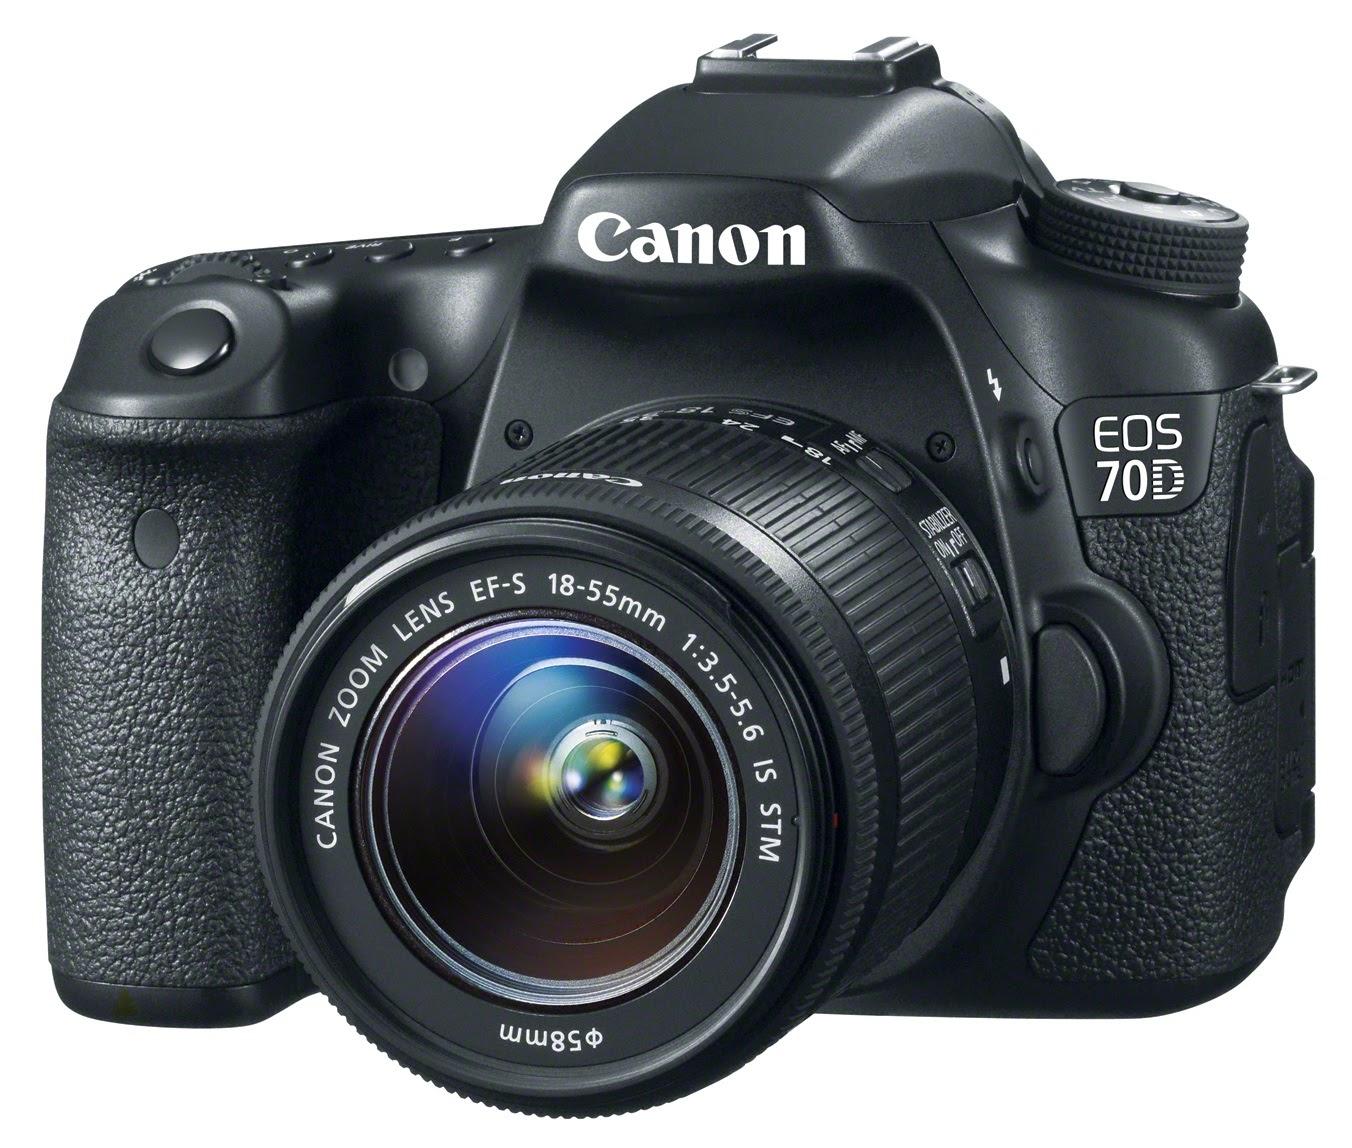 selain mengeluarkan kamera kompak canon juga telah menghadirkan kamera